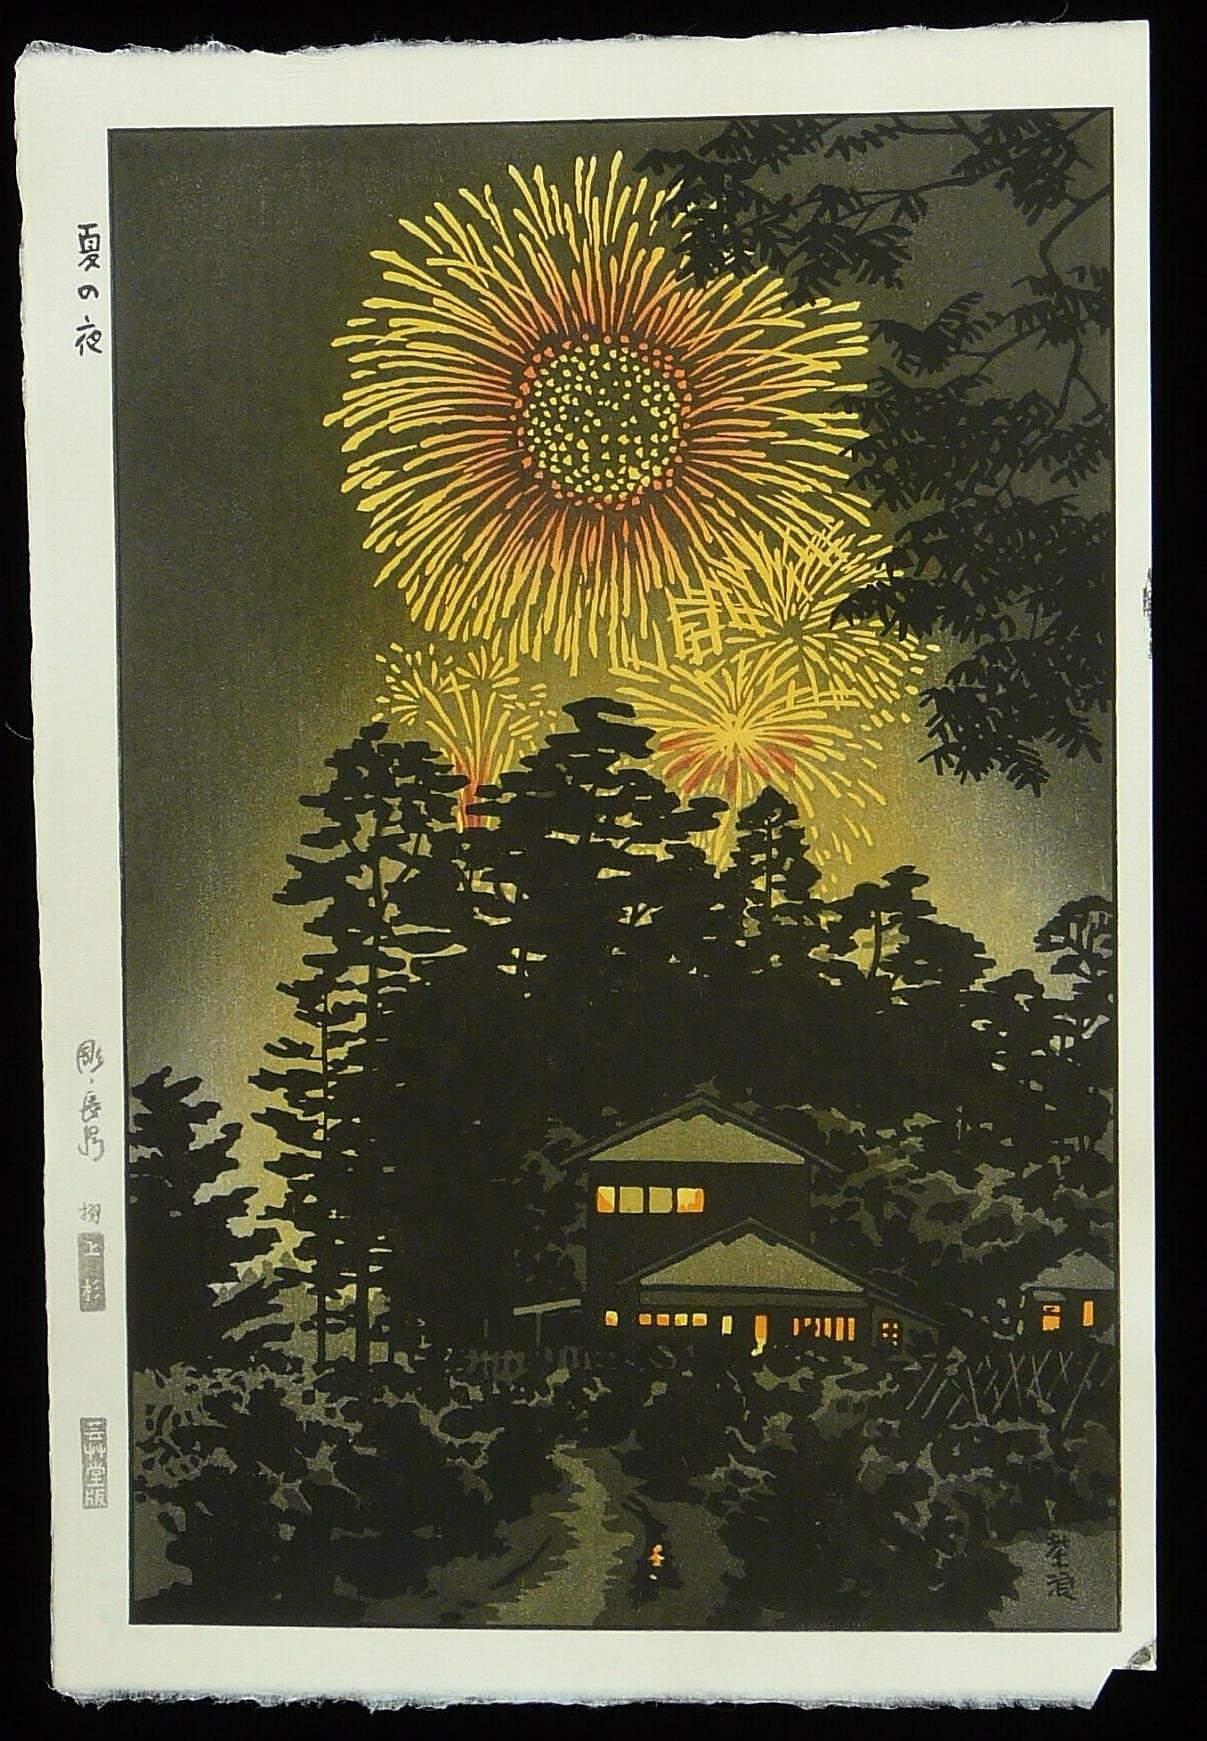 SHIRO KASAMATSU: #P1302 A NIGHT IN SUMMER